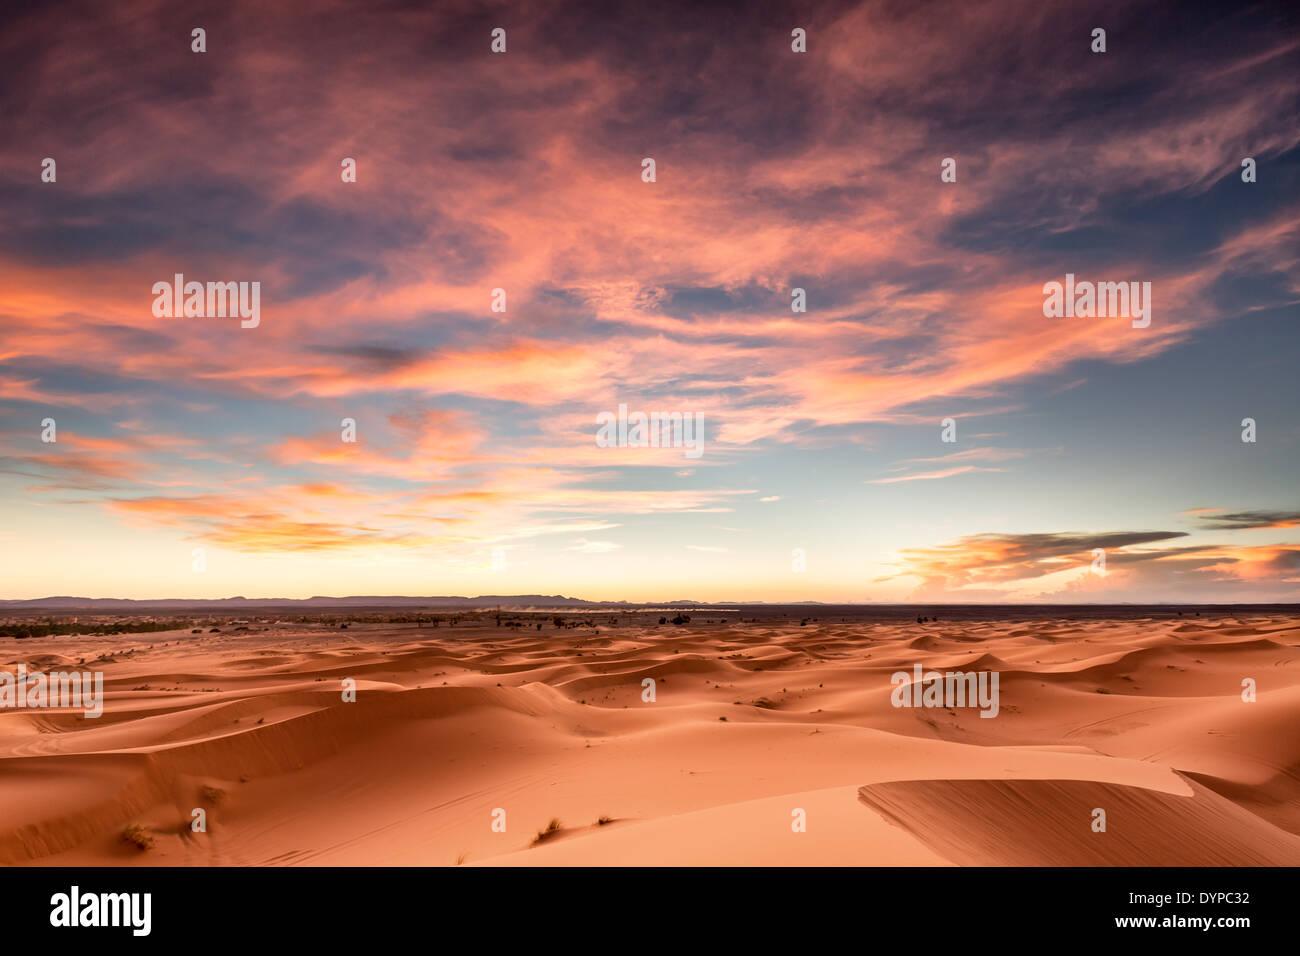 Sunset at Merzouga dunes, Morocco, Africa - Stock Image